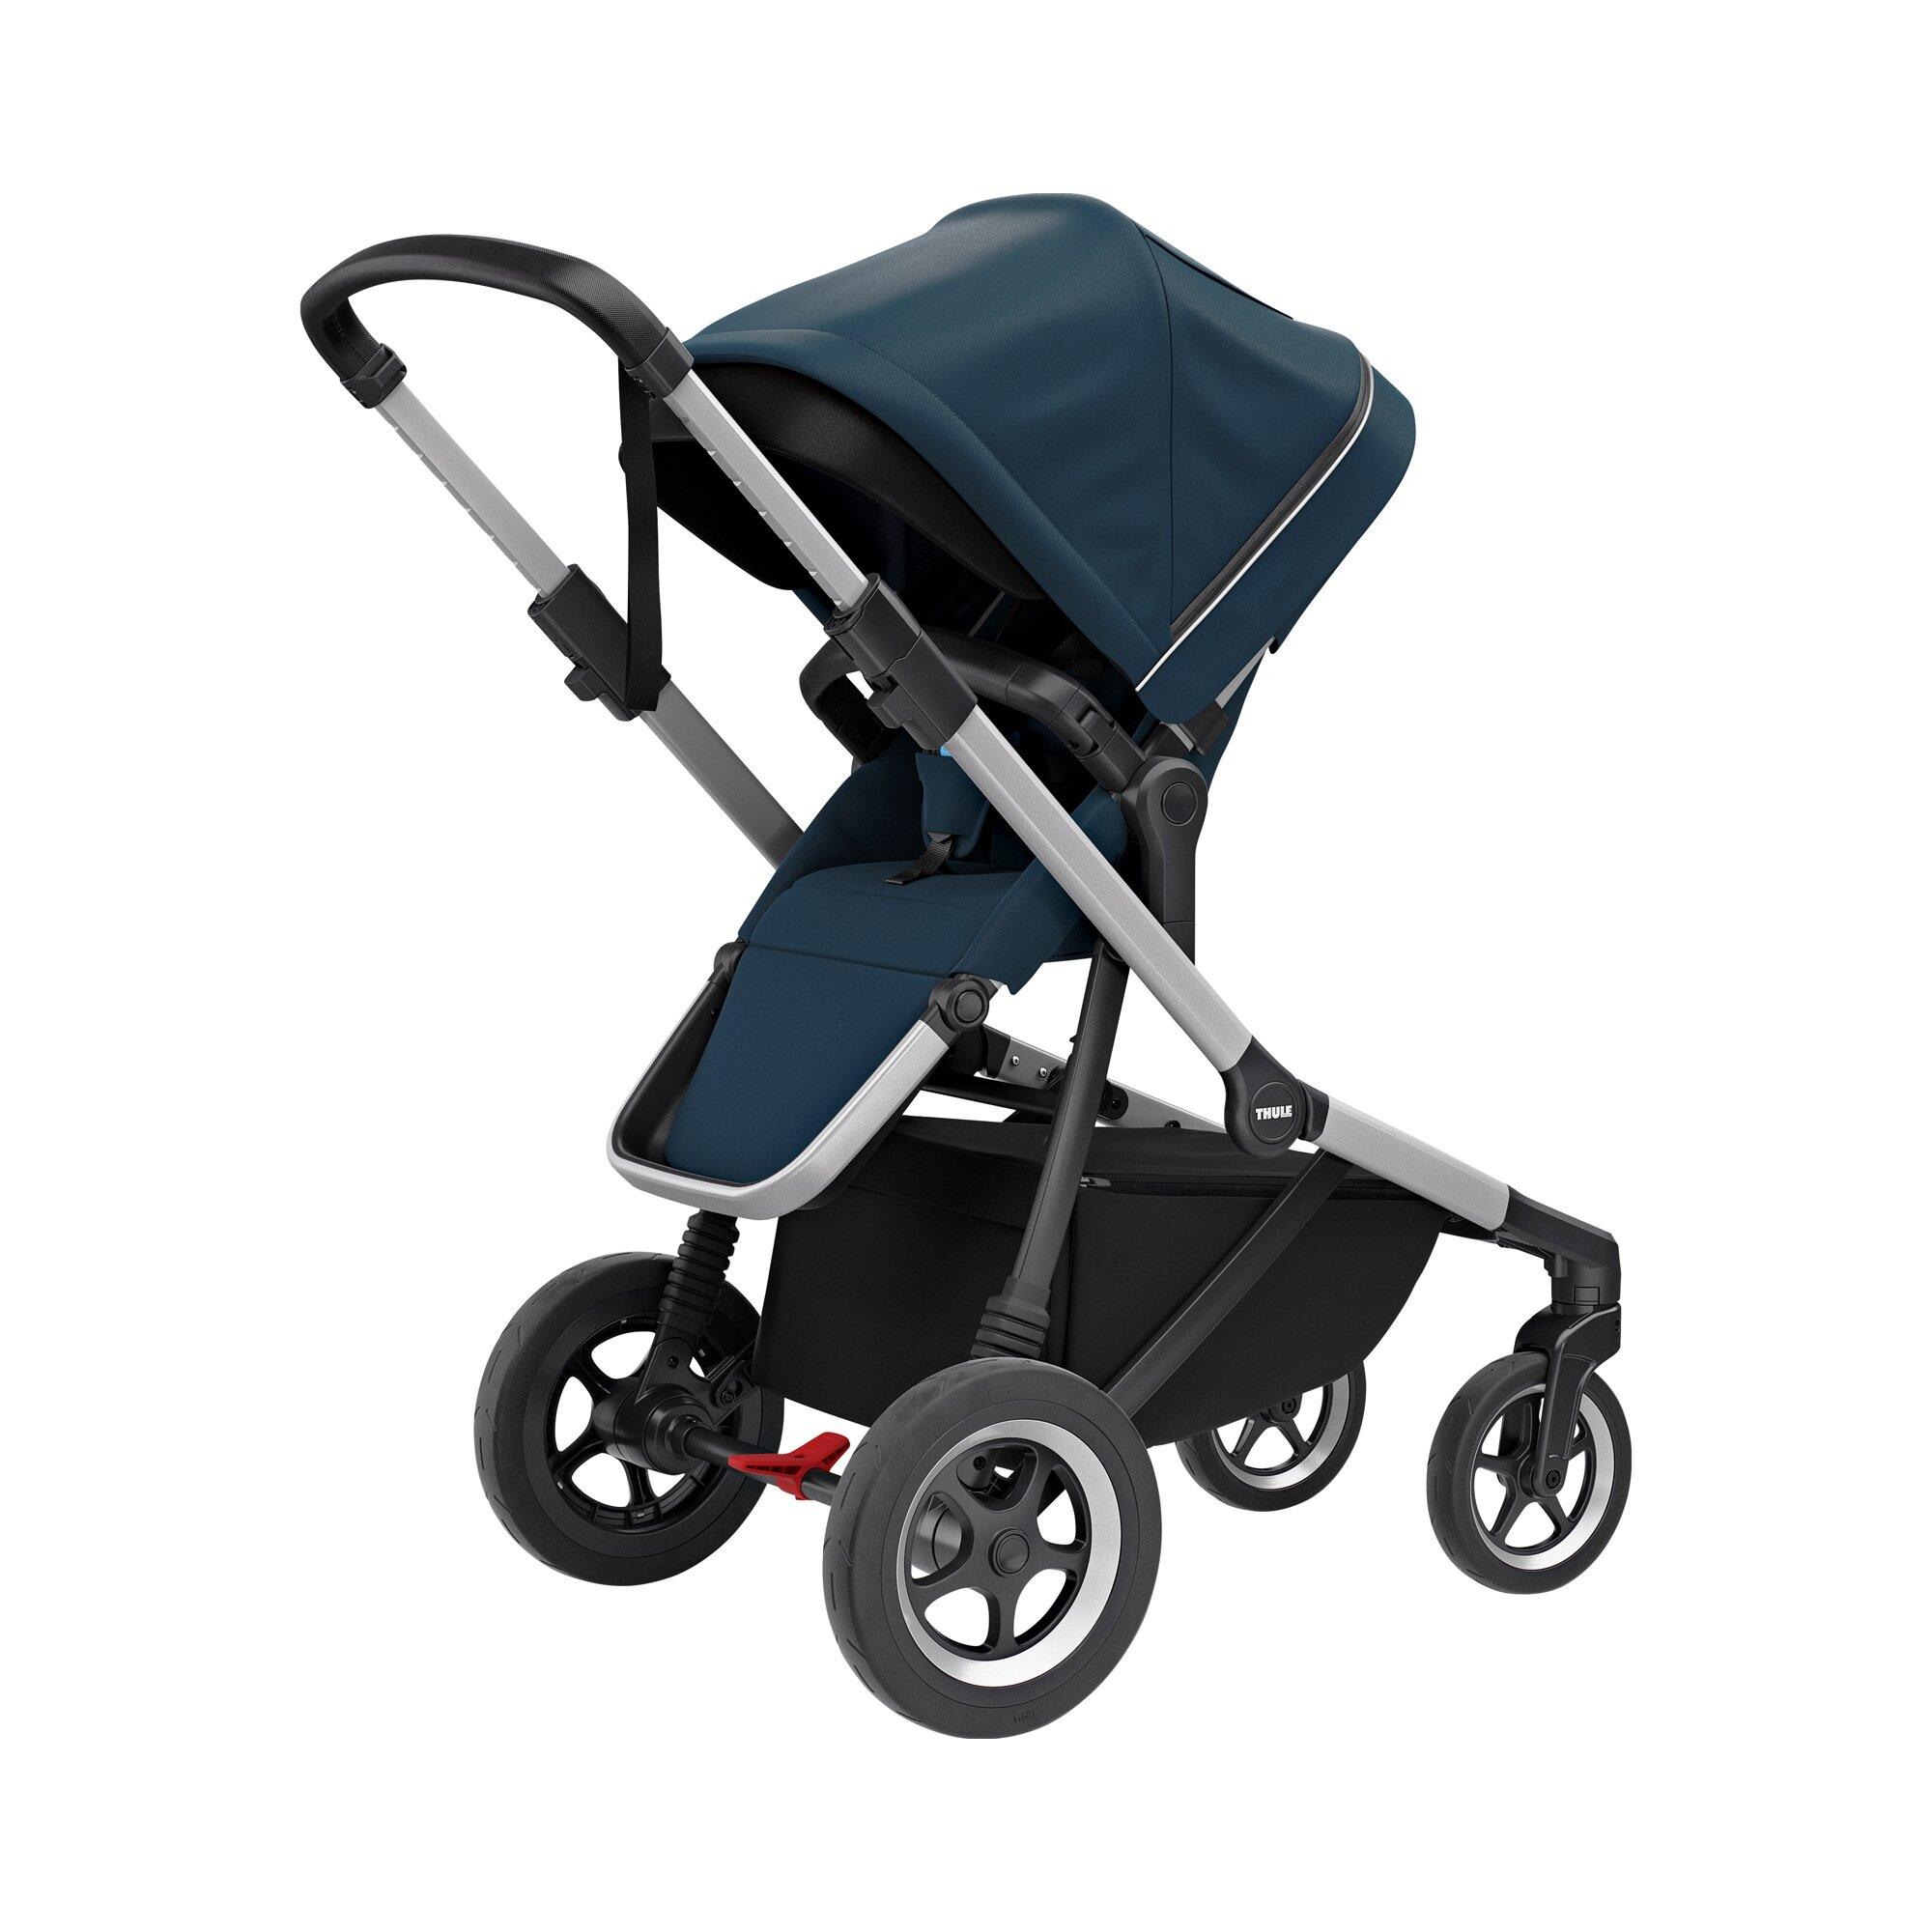 thule-sleek-kinderwagen-blau